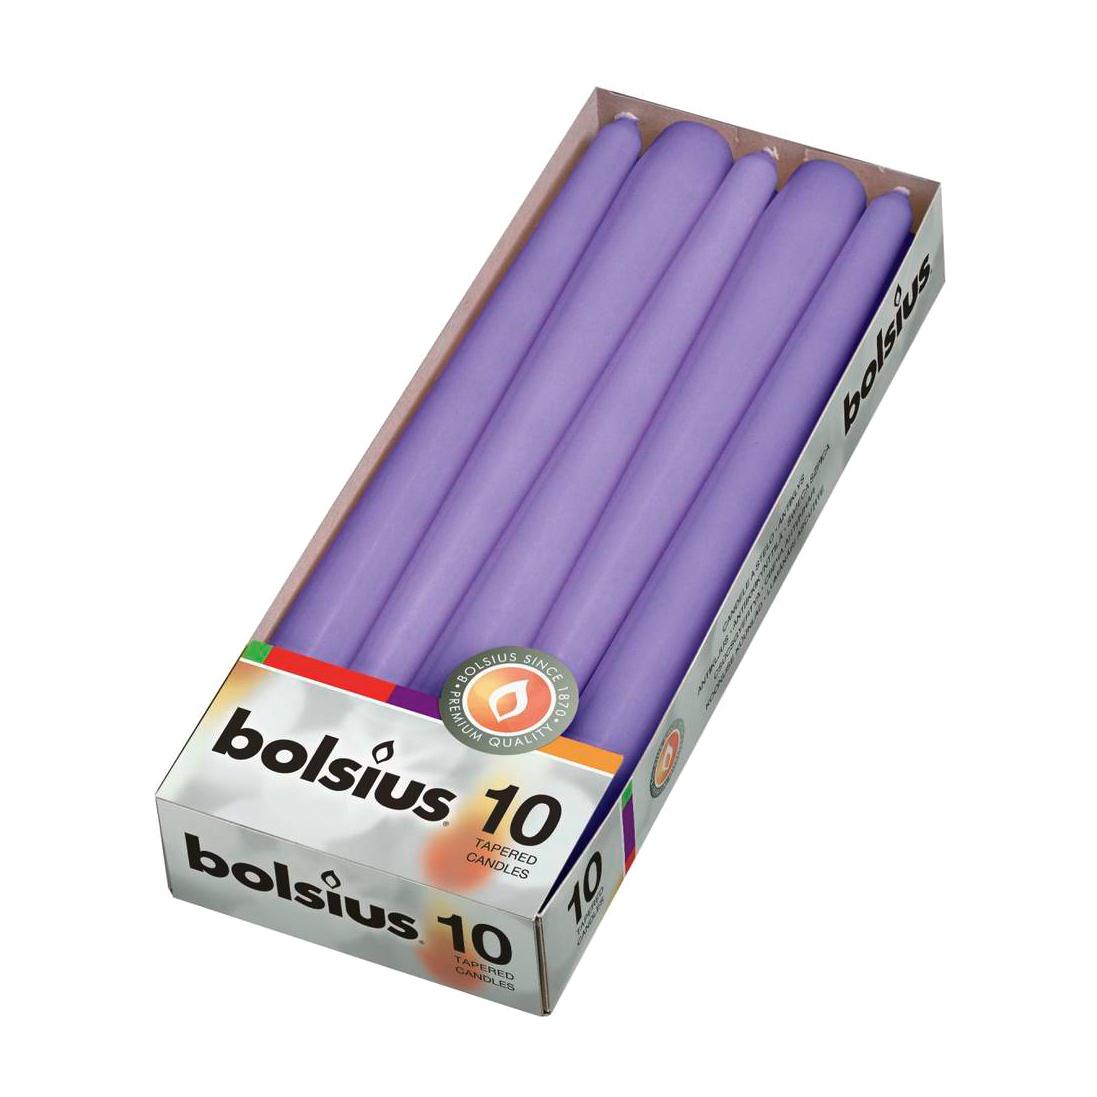 Свечи столовые Bolsius 10 шт ультрафиолетовые